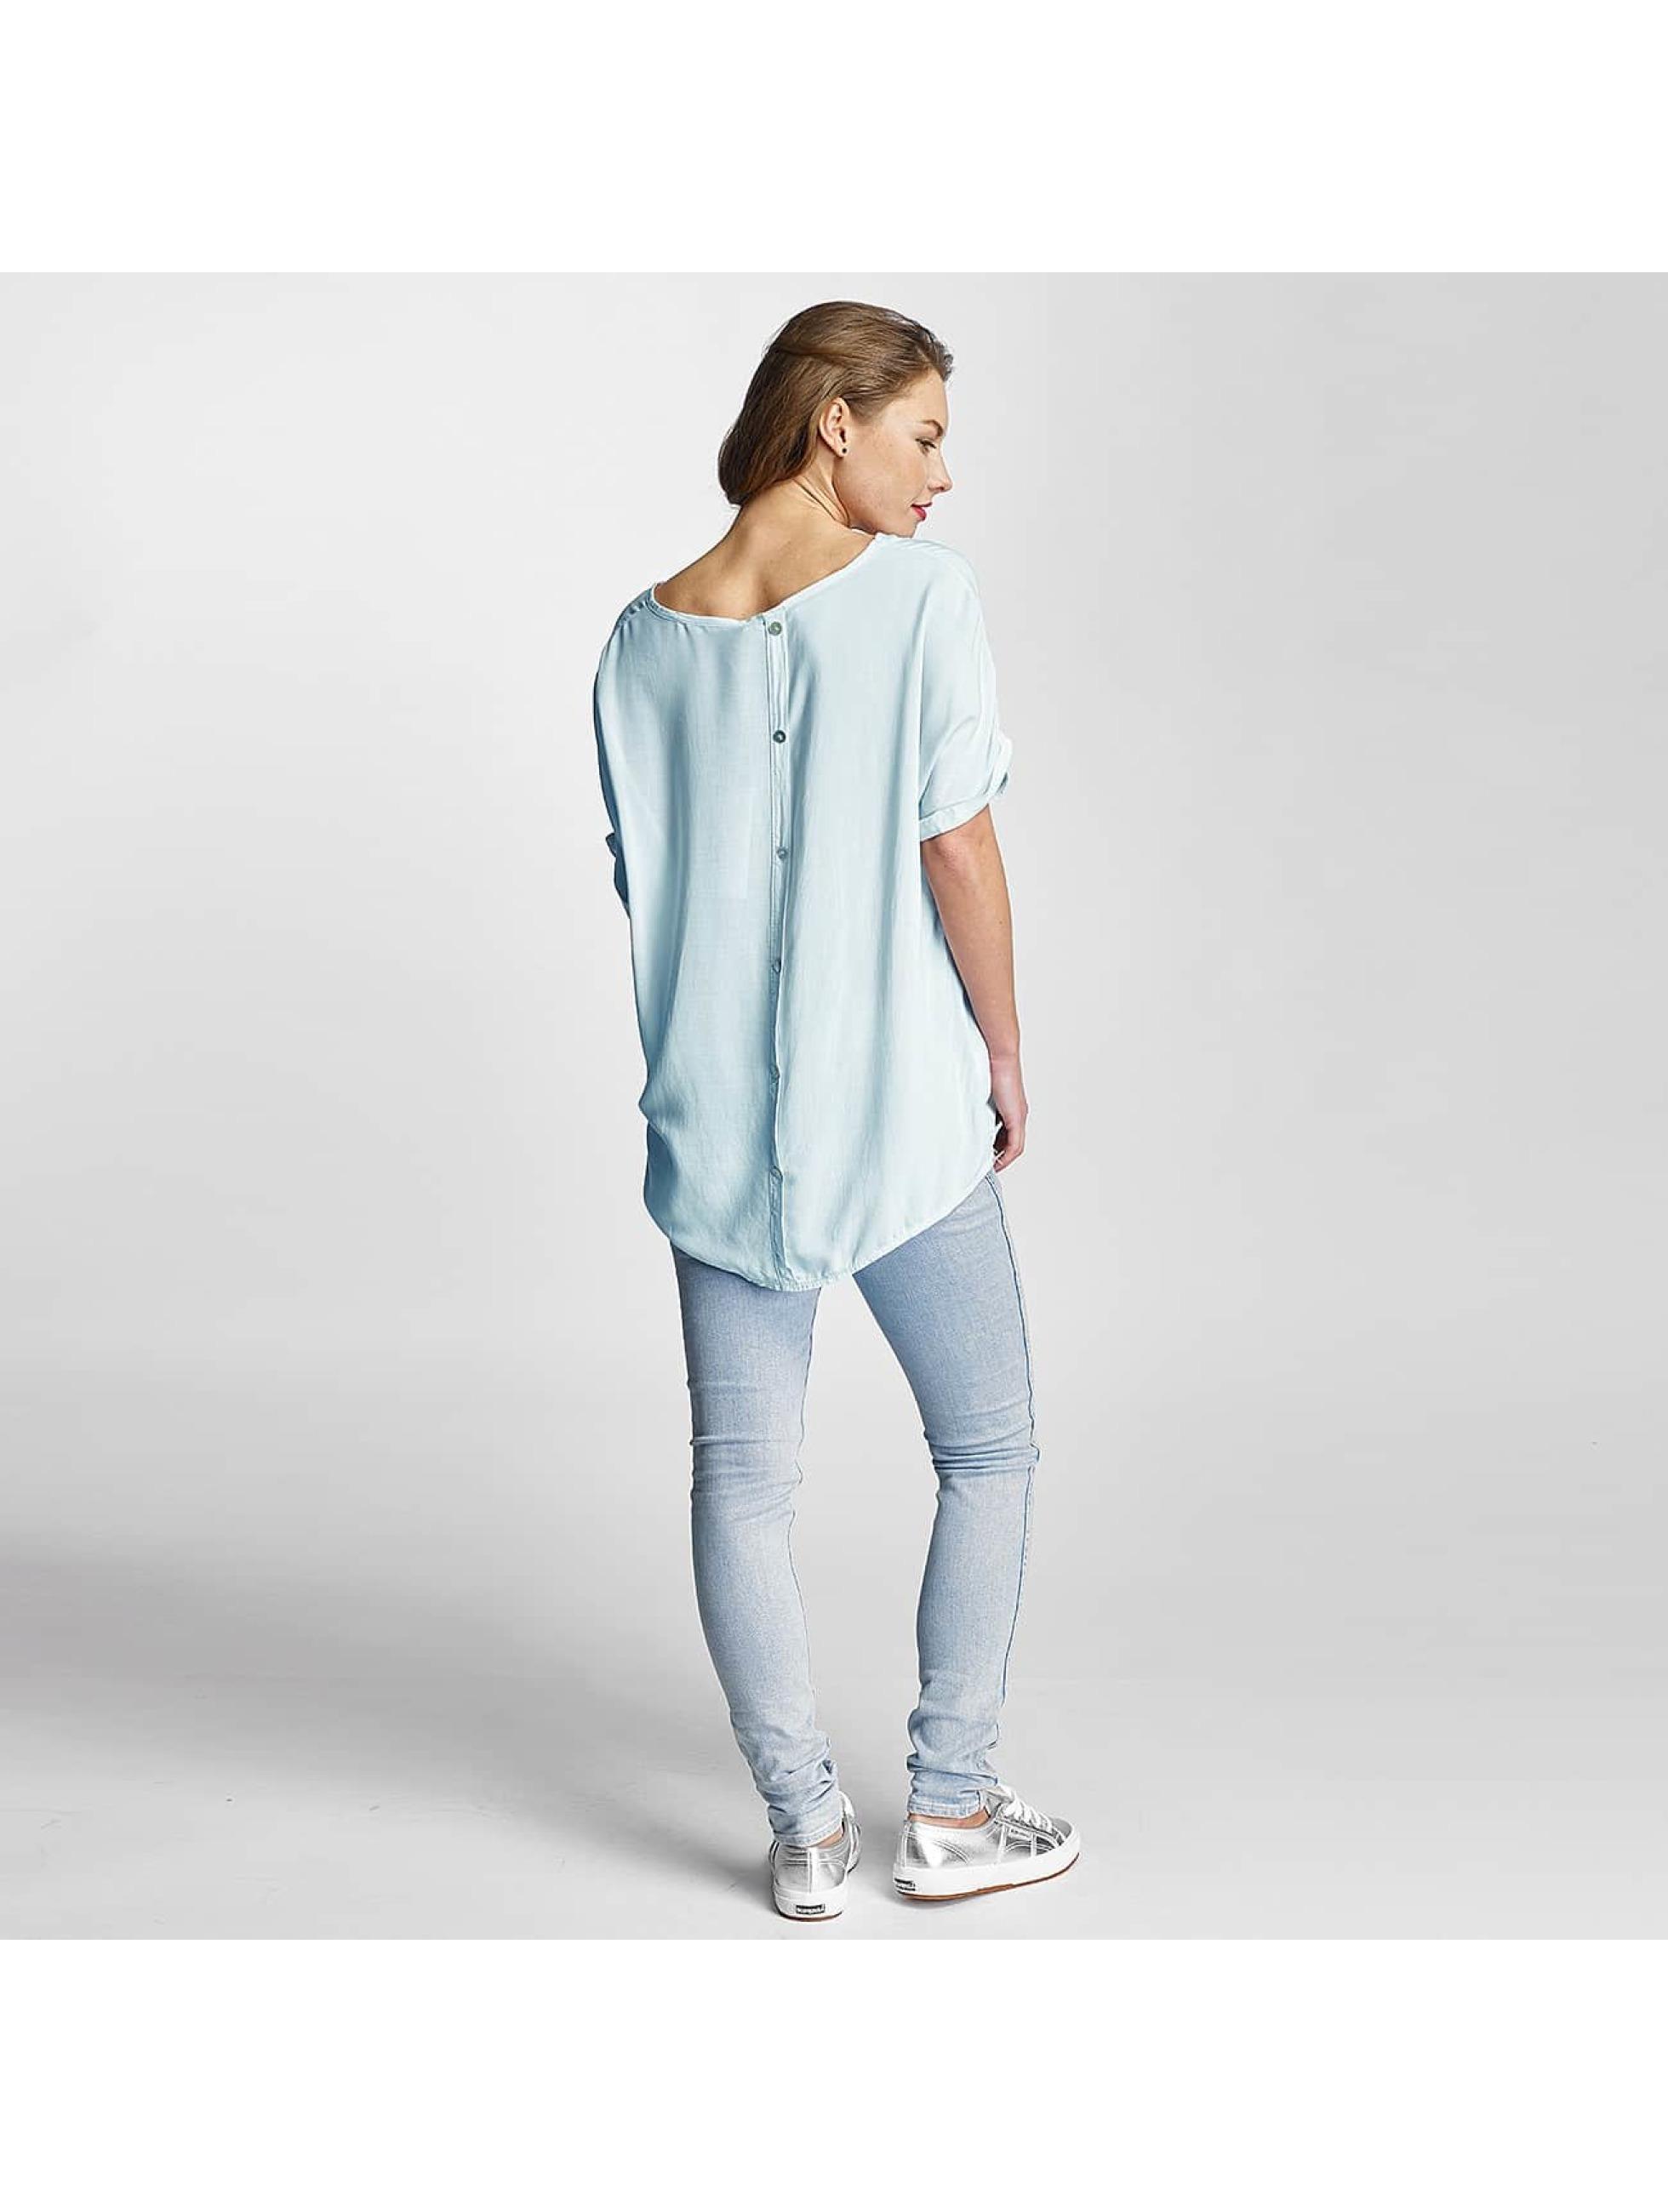 Poolgirl Bluse Simplicity blau